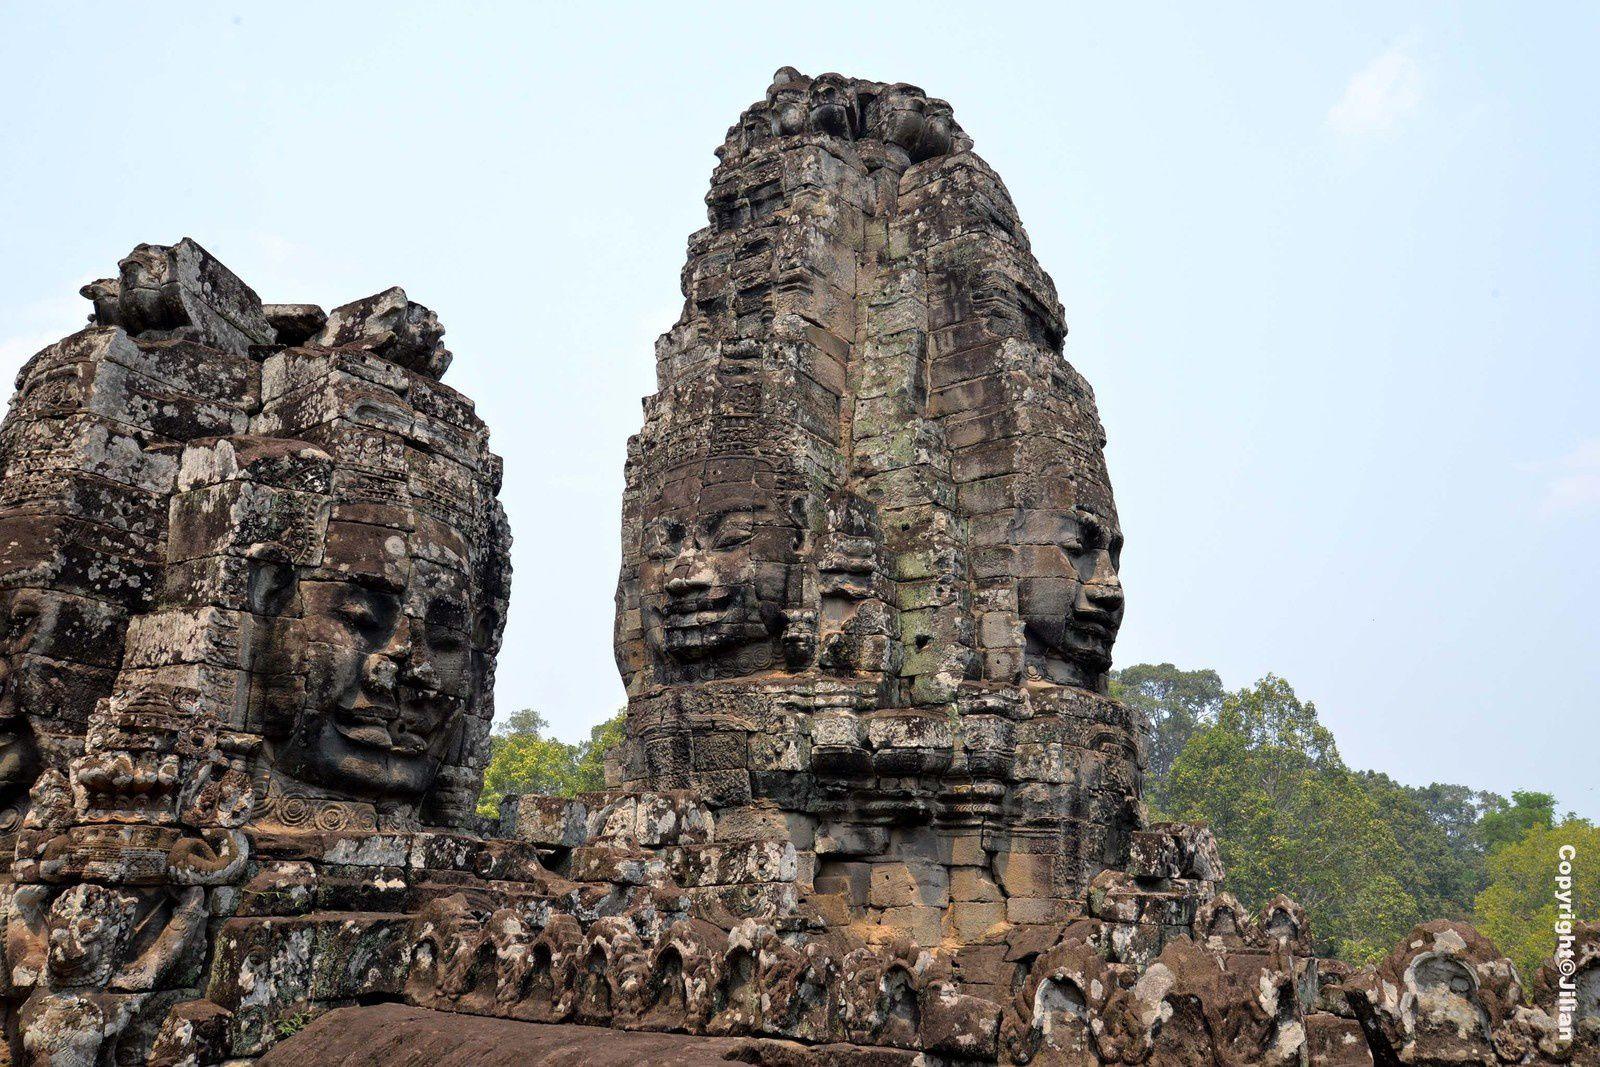 Loin de la Chine, au Cambodge, le peuple mystérieux et étrange de Angkor - Angkor's mysterious and strange inhabitants